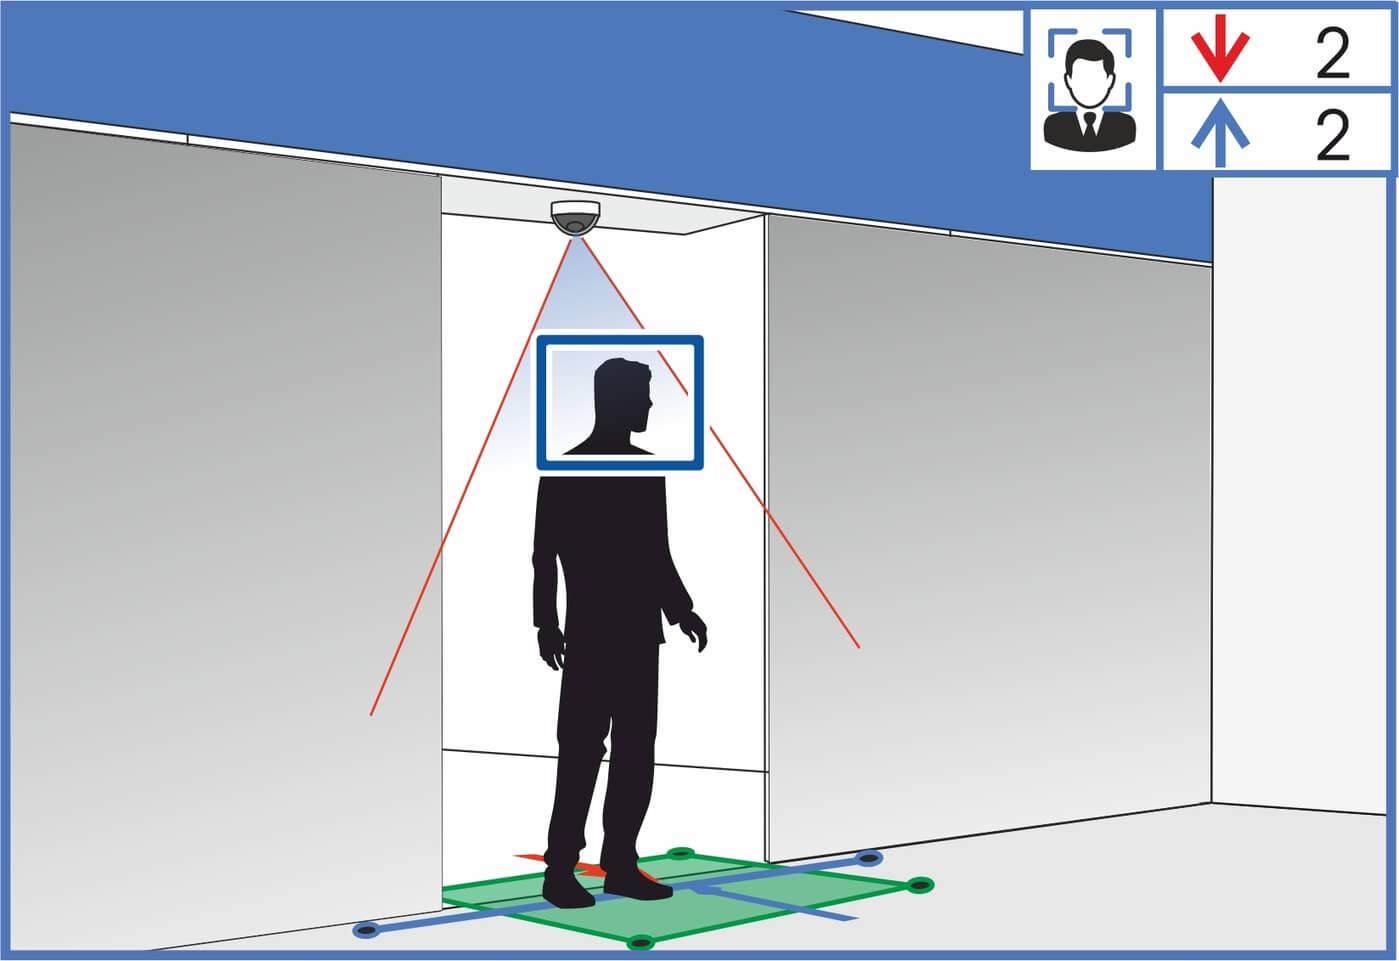 Подсчёт уникальных посетителей для анализа коммерческих площадей